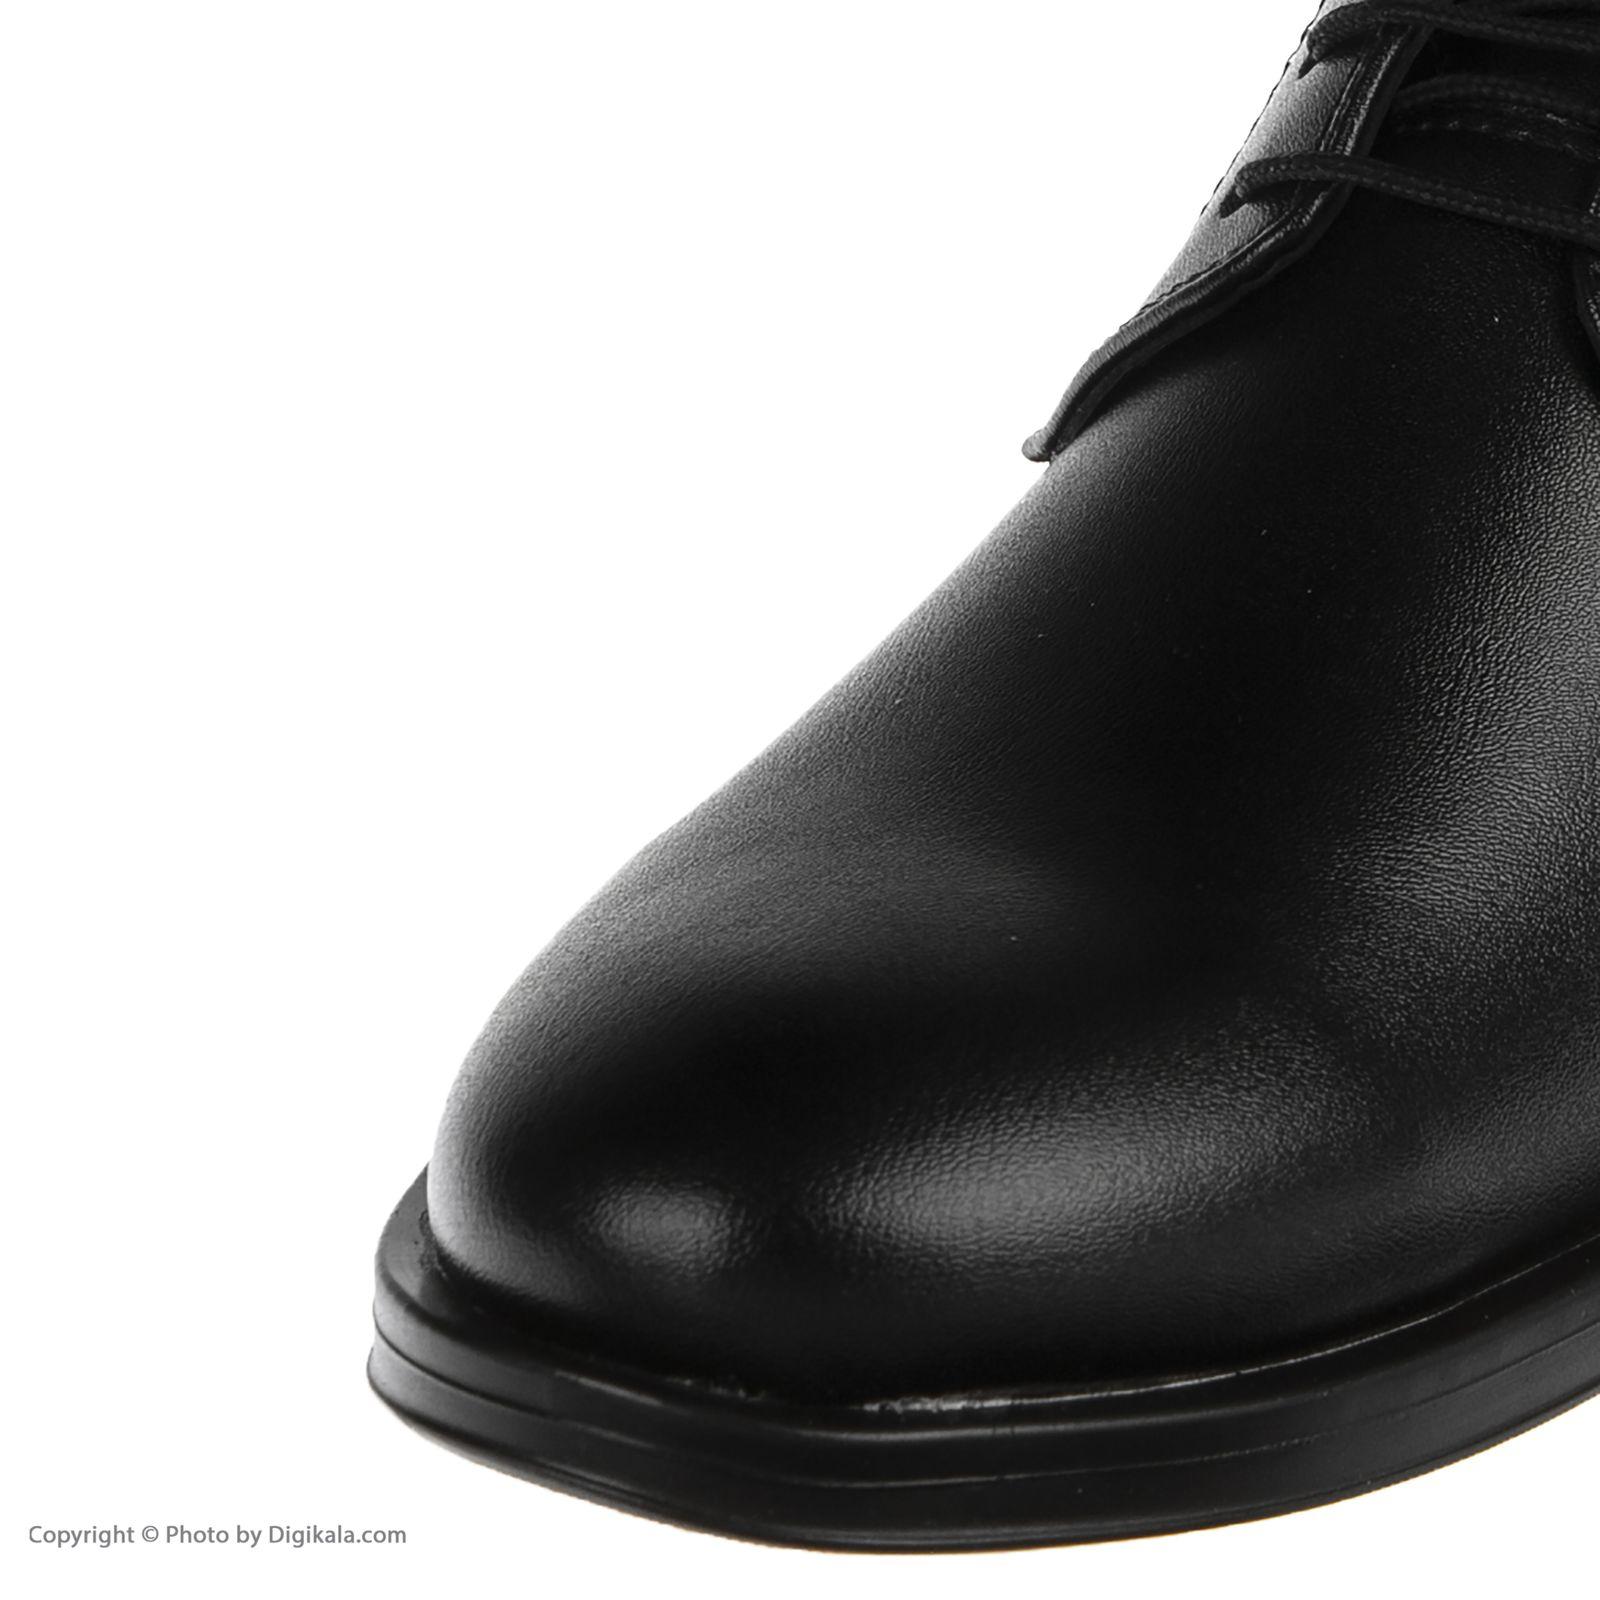 کفش مردانه اسپرت من مدل r615-1 -  - 6